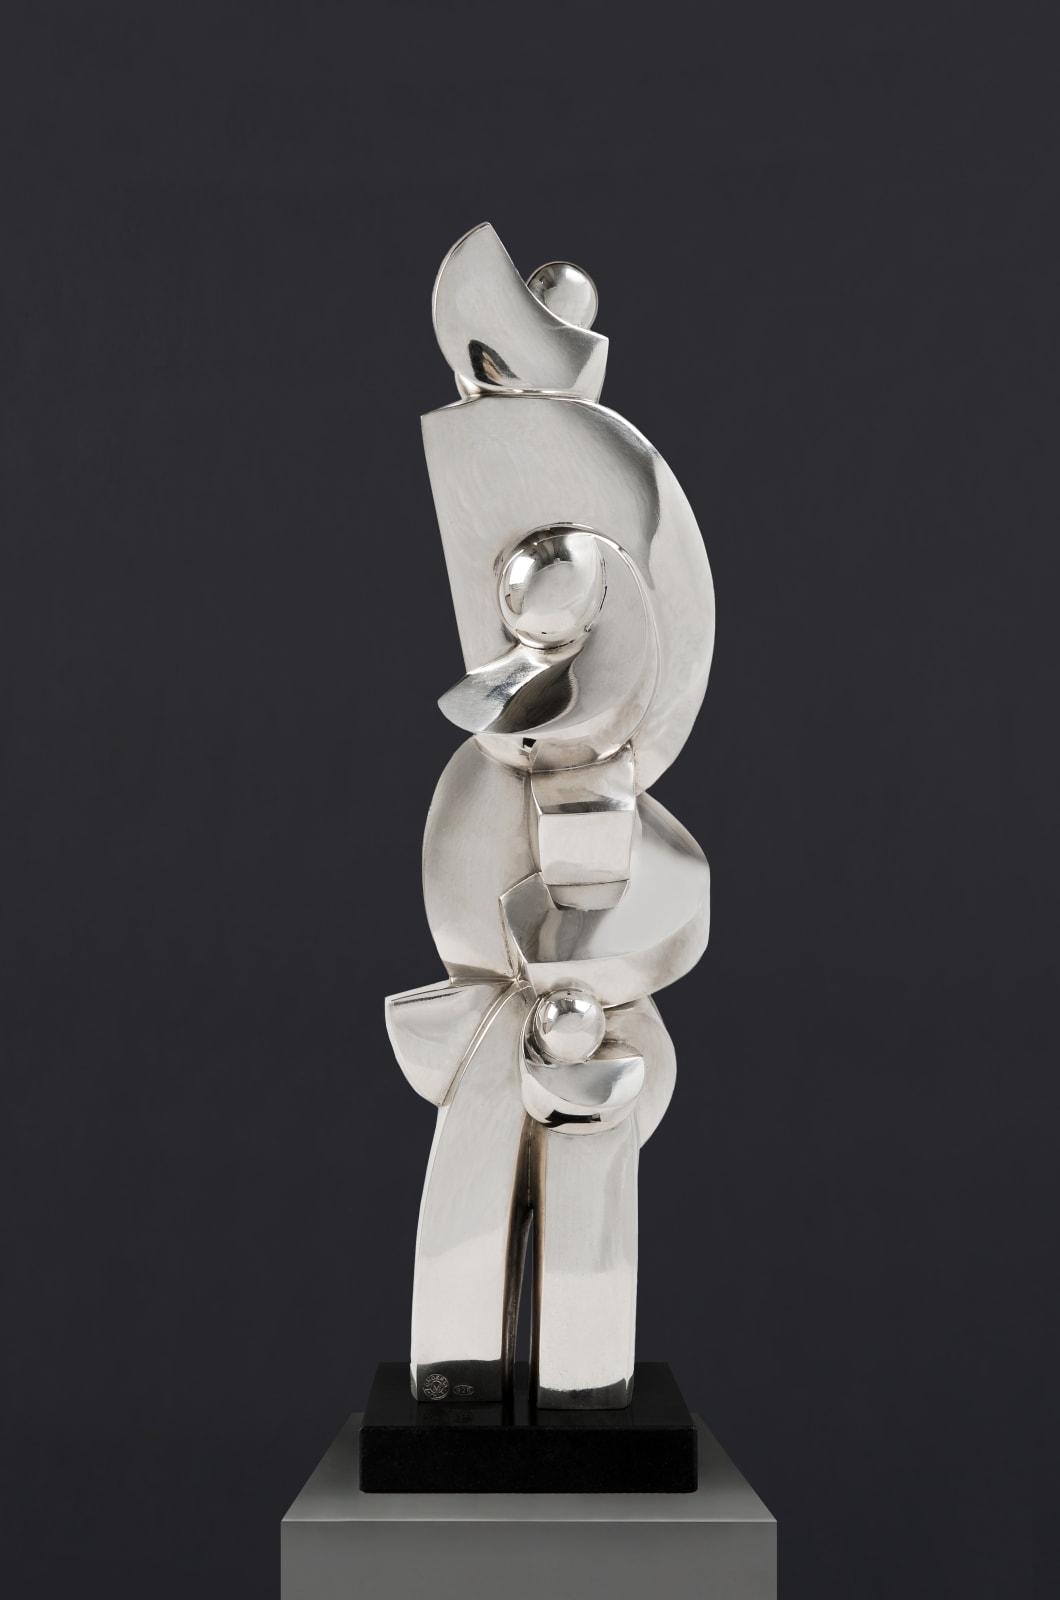 Sophia Vari, Feu Vibrant Sculpture, 2012